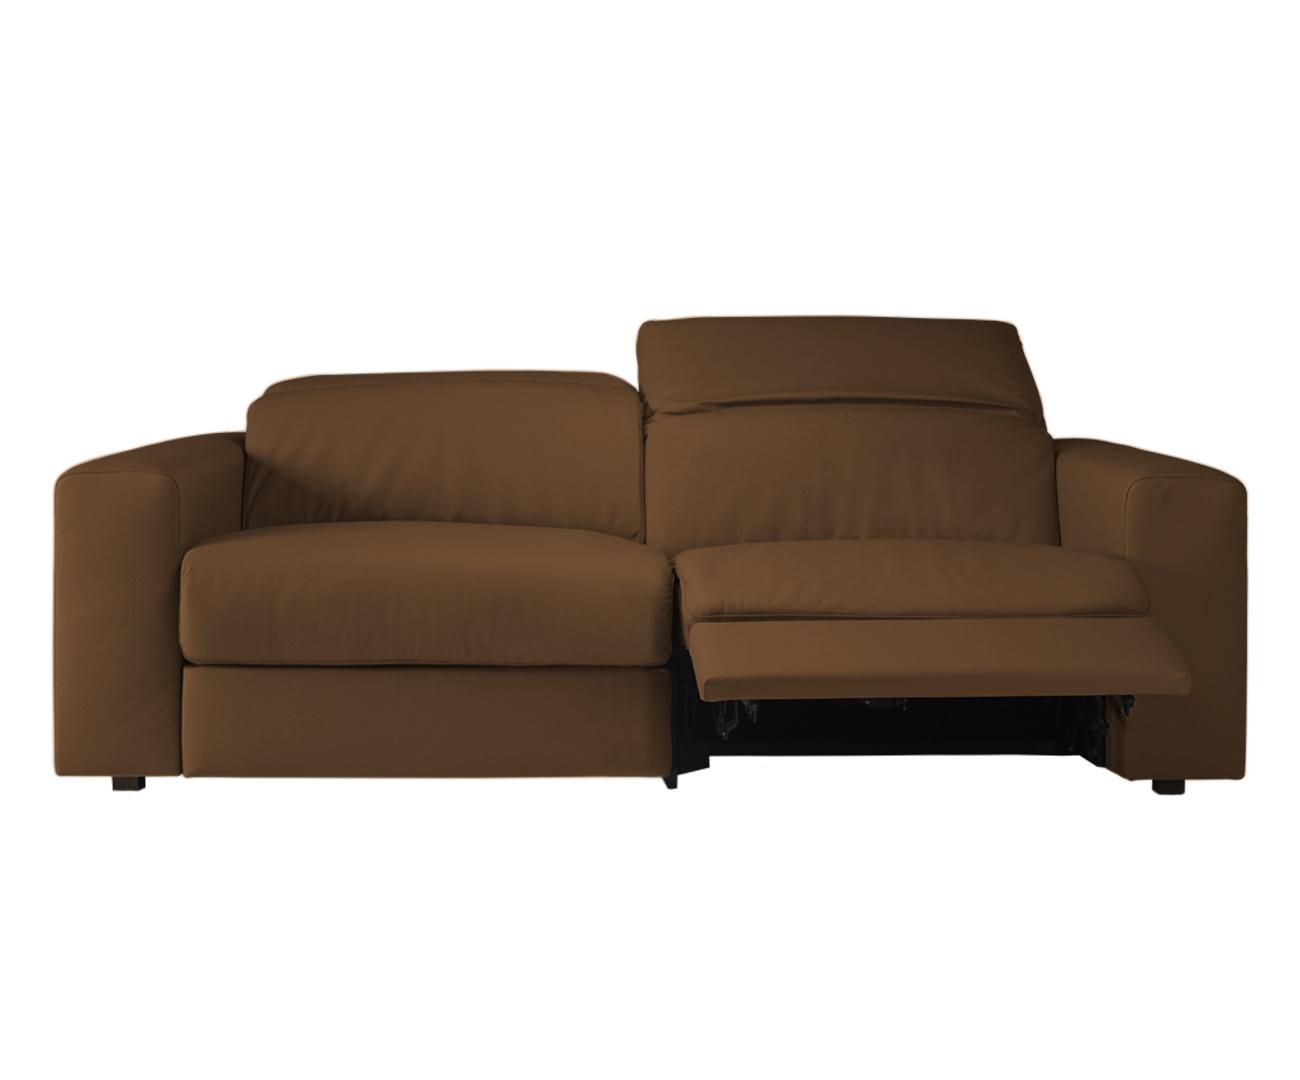 sofá retrátil elétrico em couro natural 2 lugares chelsea ...